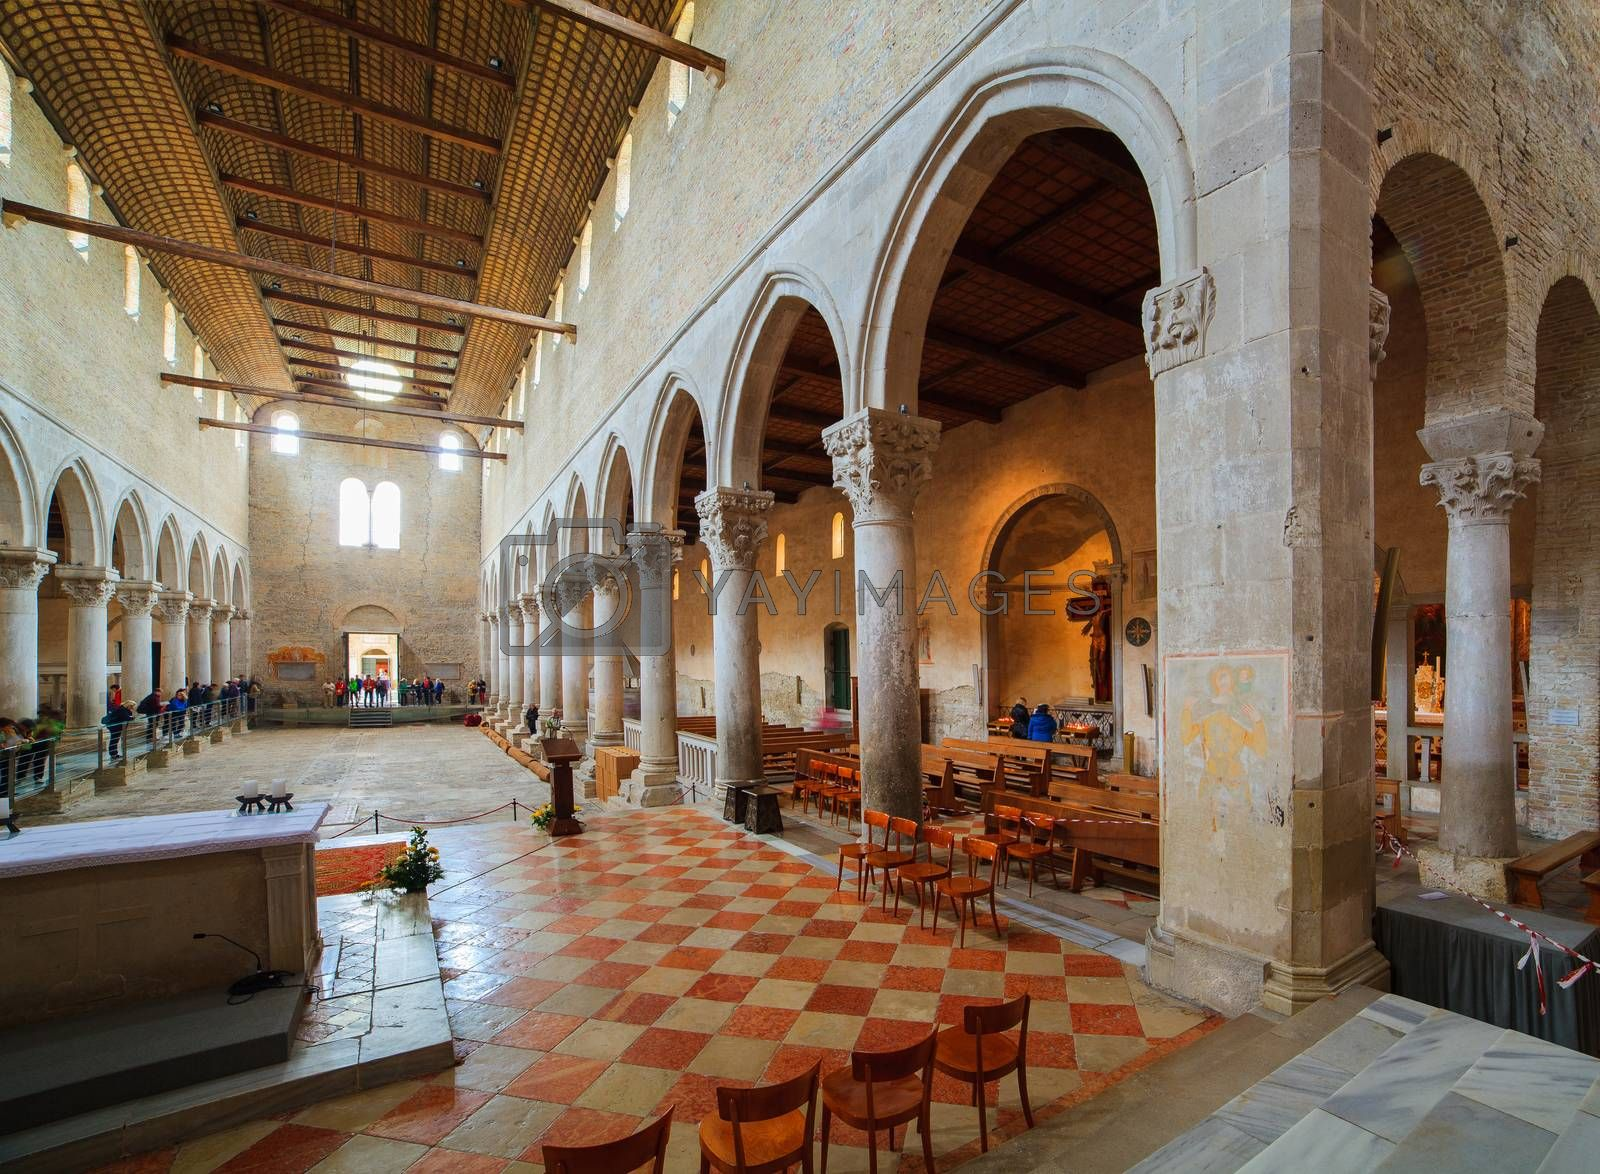 Basilica di Santa Maria Assunta, Aquileia by bepsimage